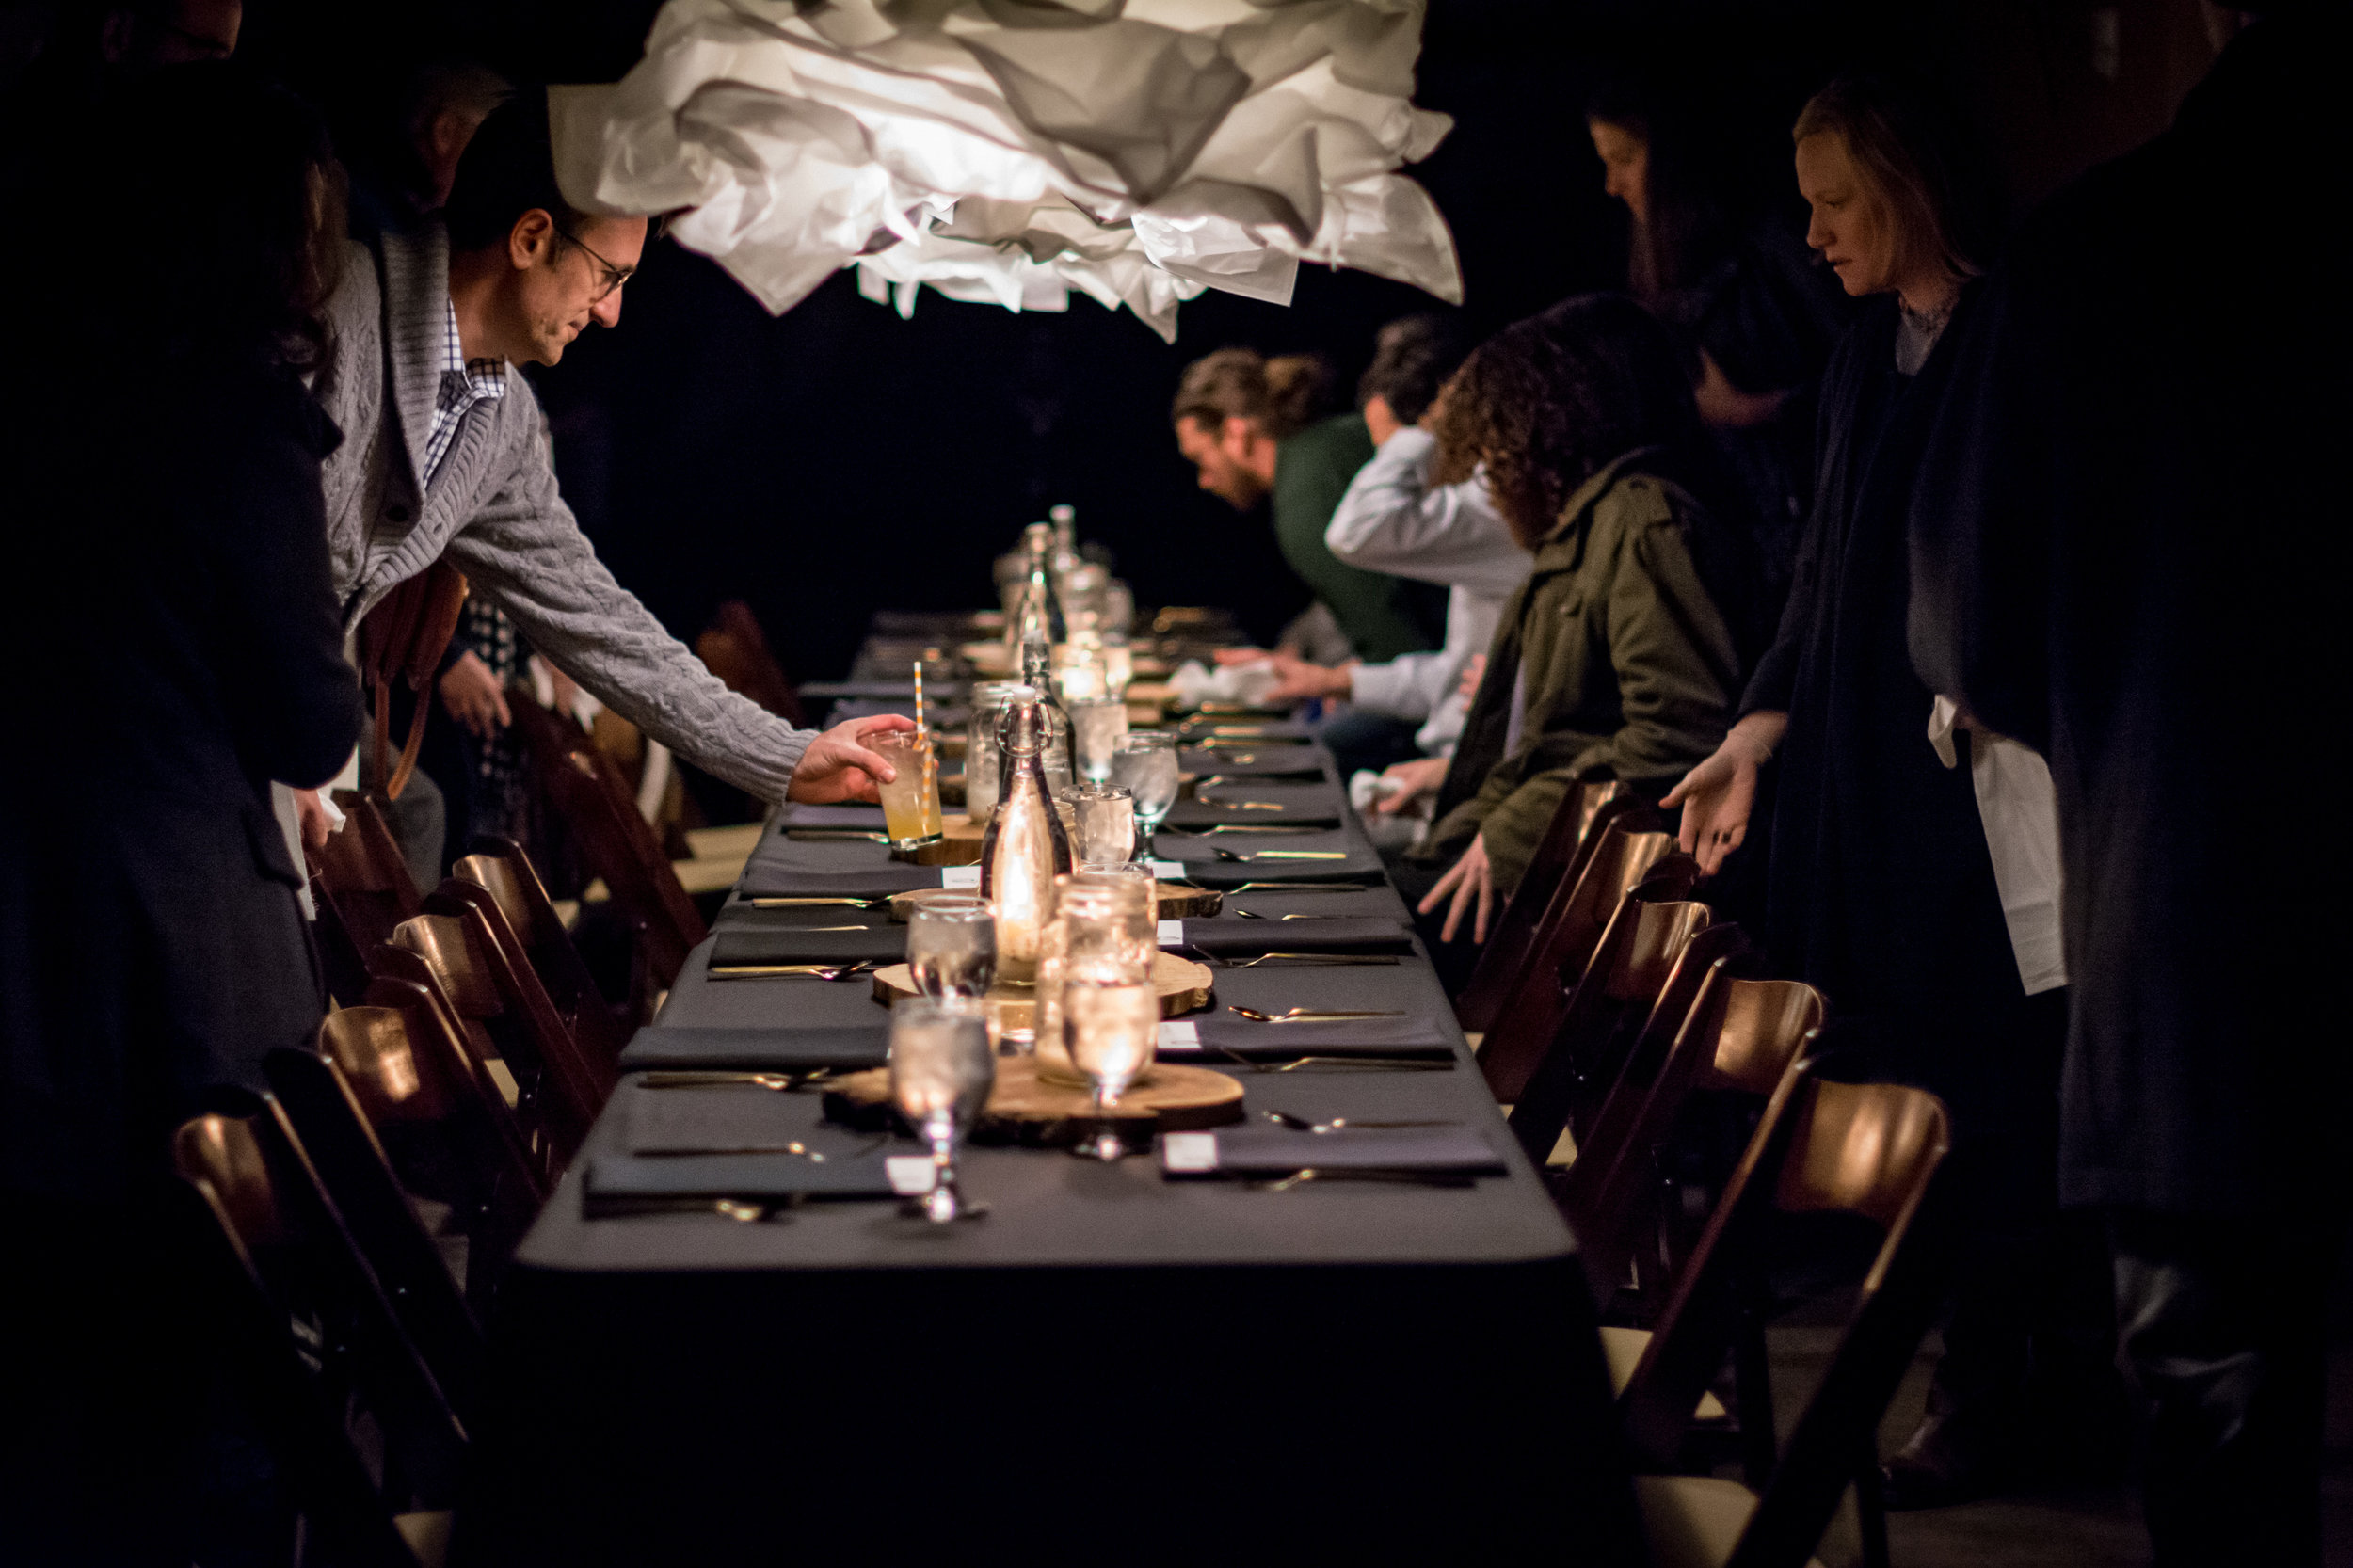 dining_trustfall_11-10-18_0011.jpg